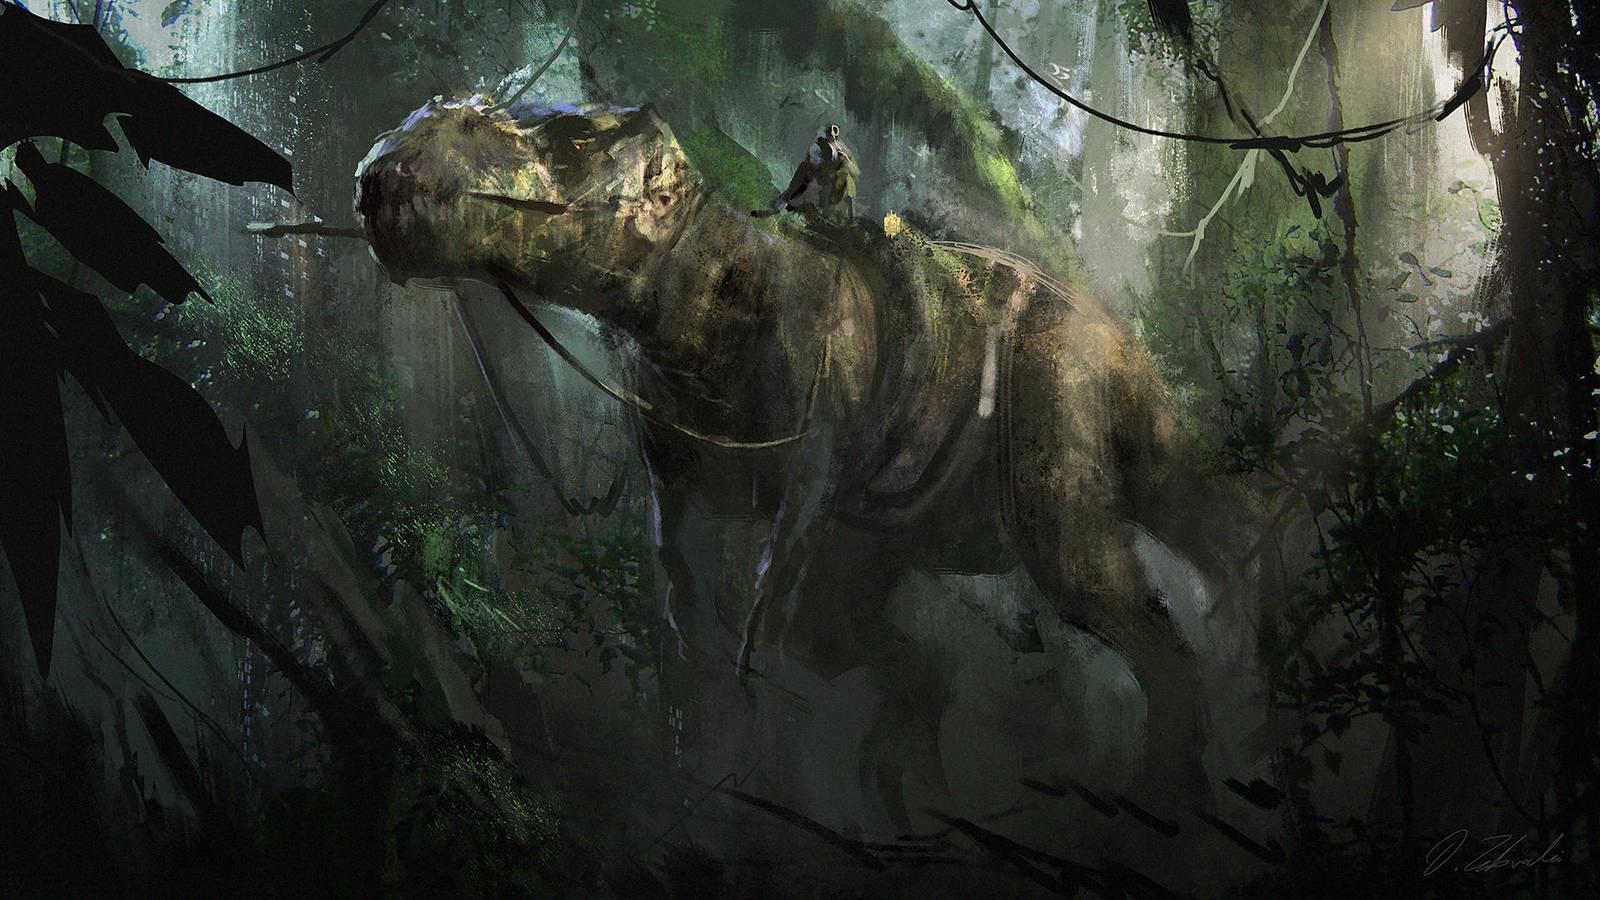 Dino Rider by daRoz